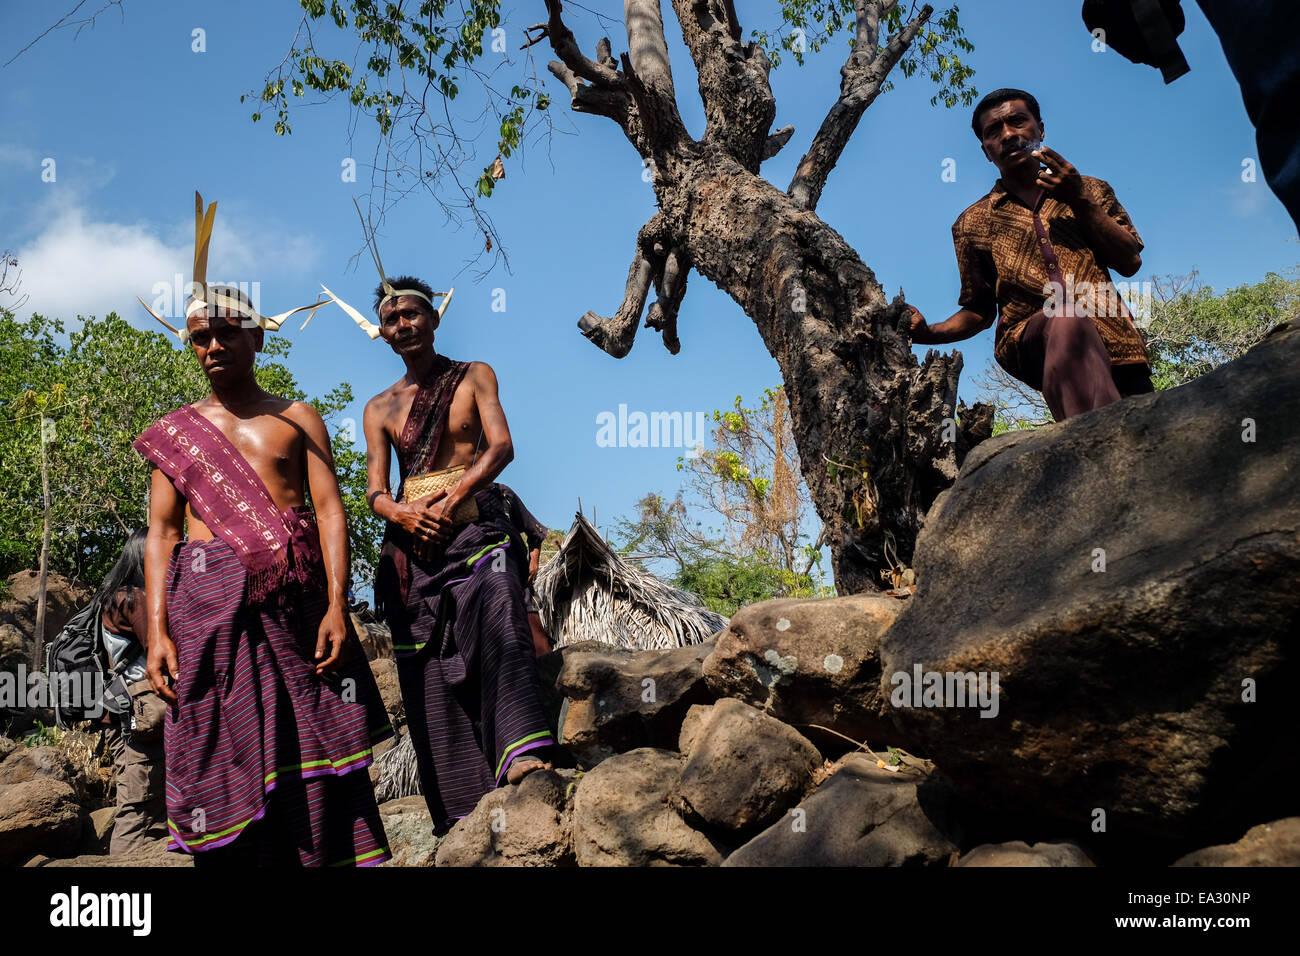 La gente local en trajes tradicionales en Lamagute village, Lembata Isla, Indonesia. Imagen De Stock